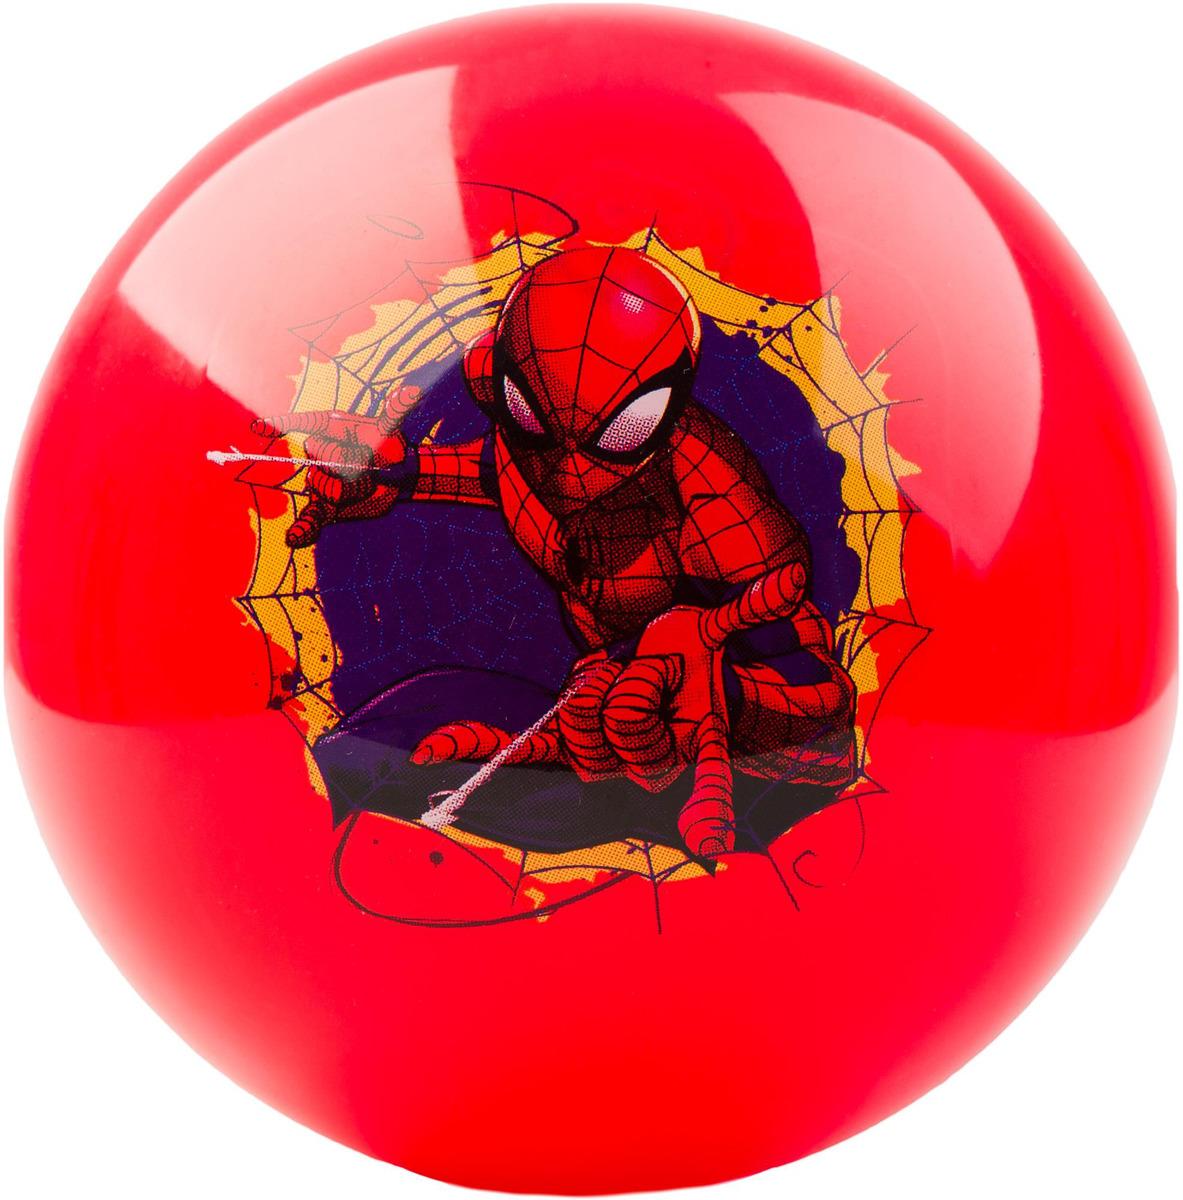 Мяч детский Torneo, надувной, S19ETOAG009, красный, диаметр 15 см torneo мяч гимнастический детский torneo